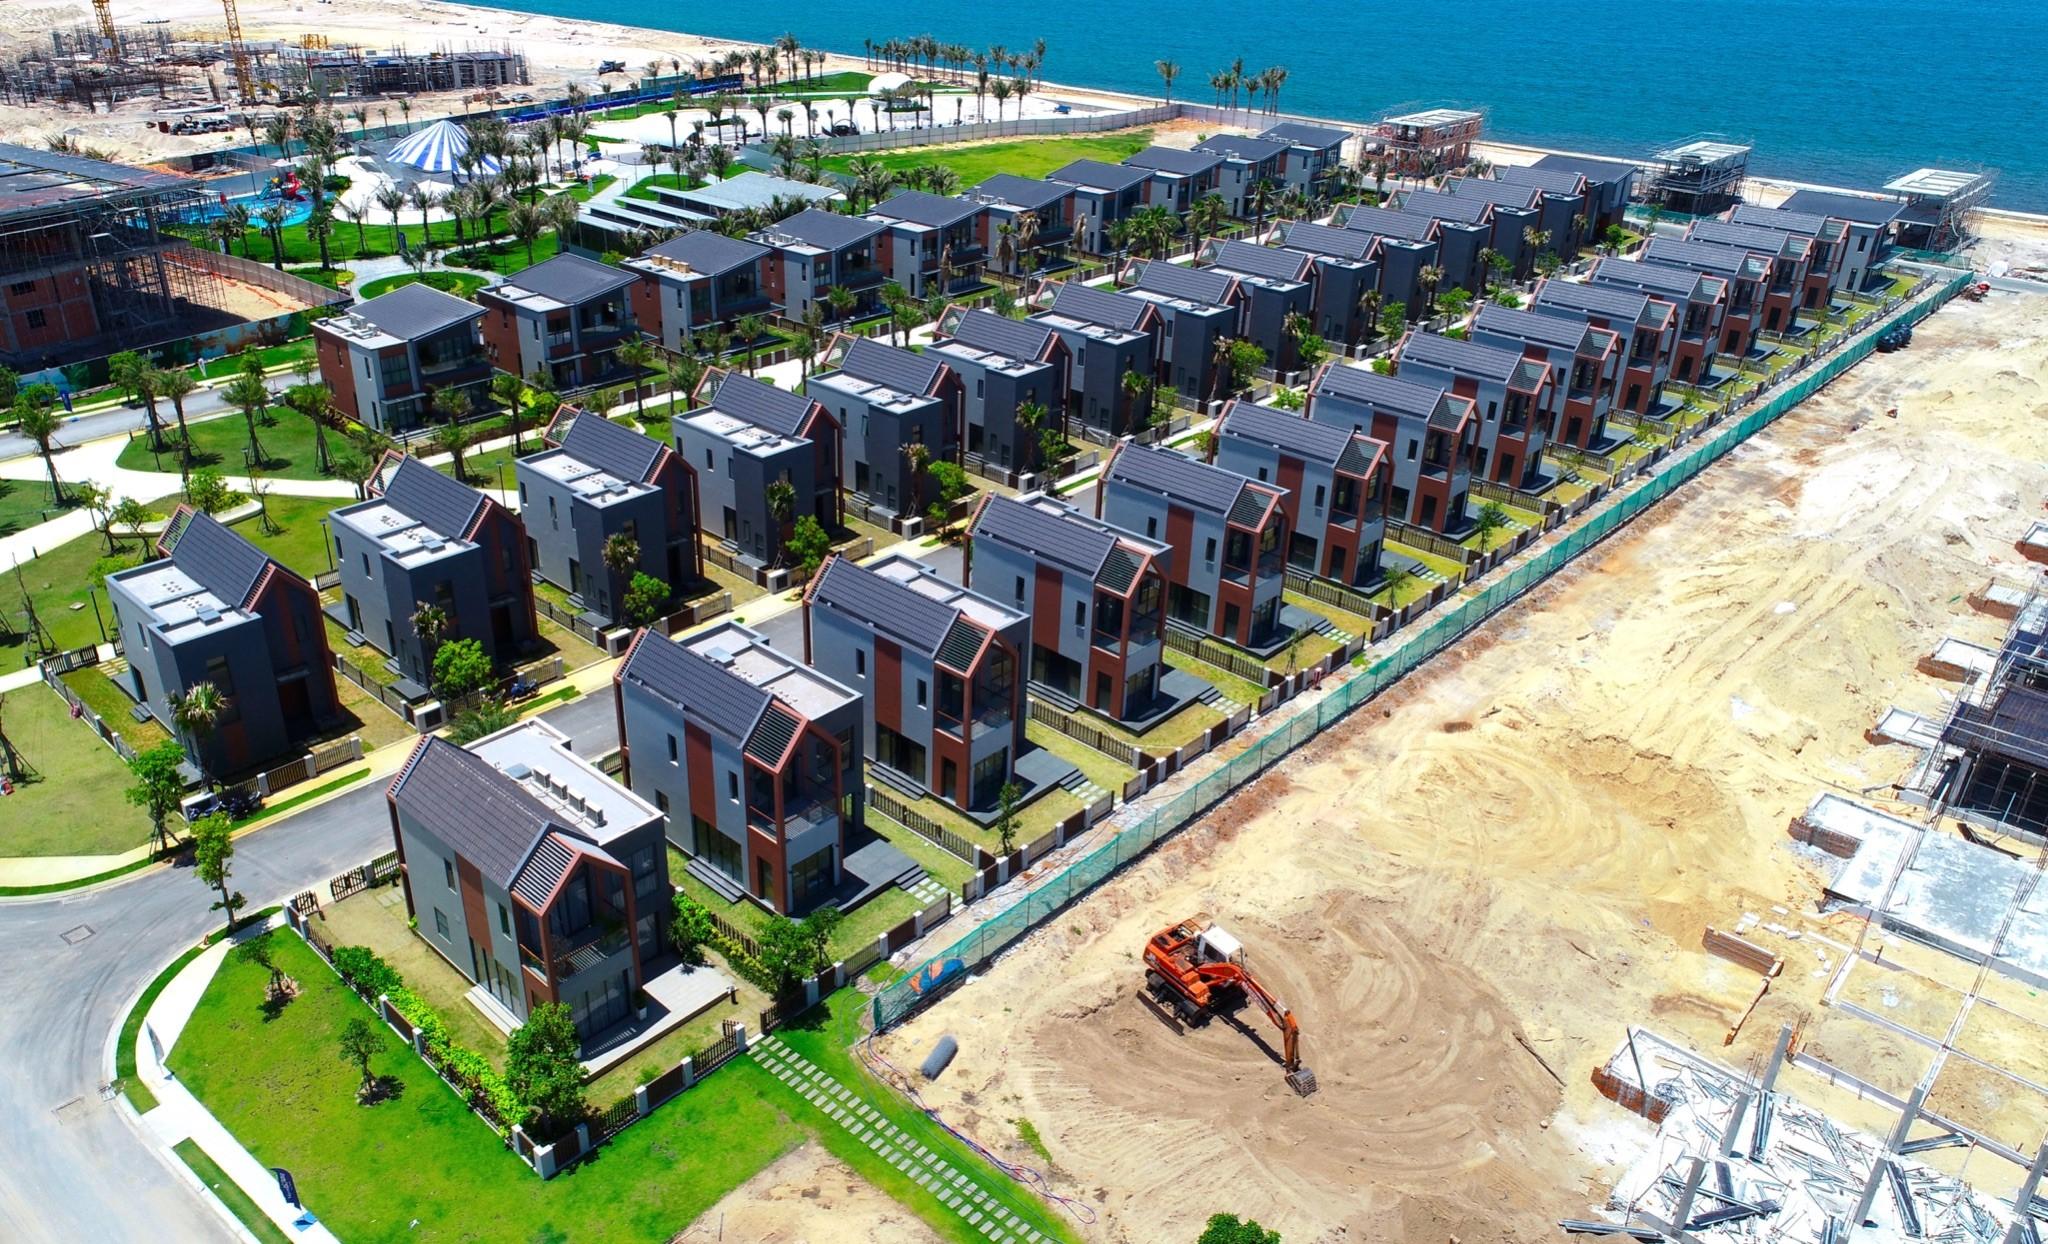 101 căn biệt thự khu biển - phân kỳ The Tropicana sẽ bàn giao vào cuối năm nay. Ảnh thực tế tại công trường tháng 5/2021. Ảnh: Novaland.